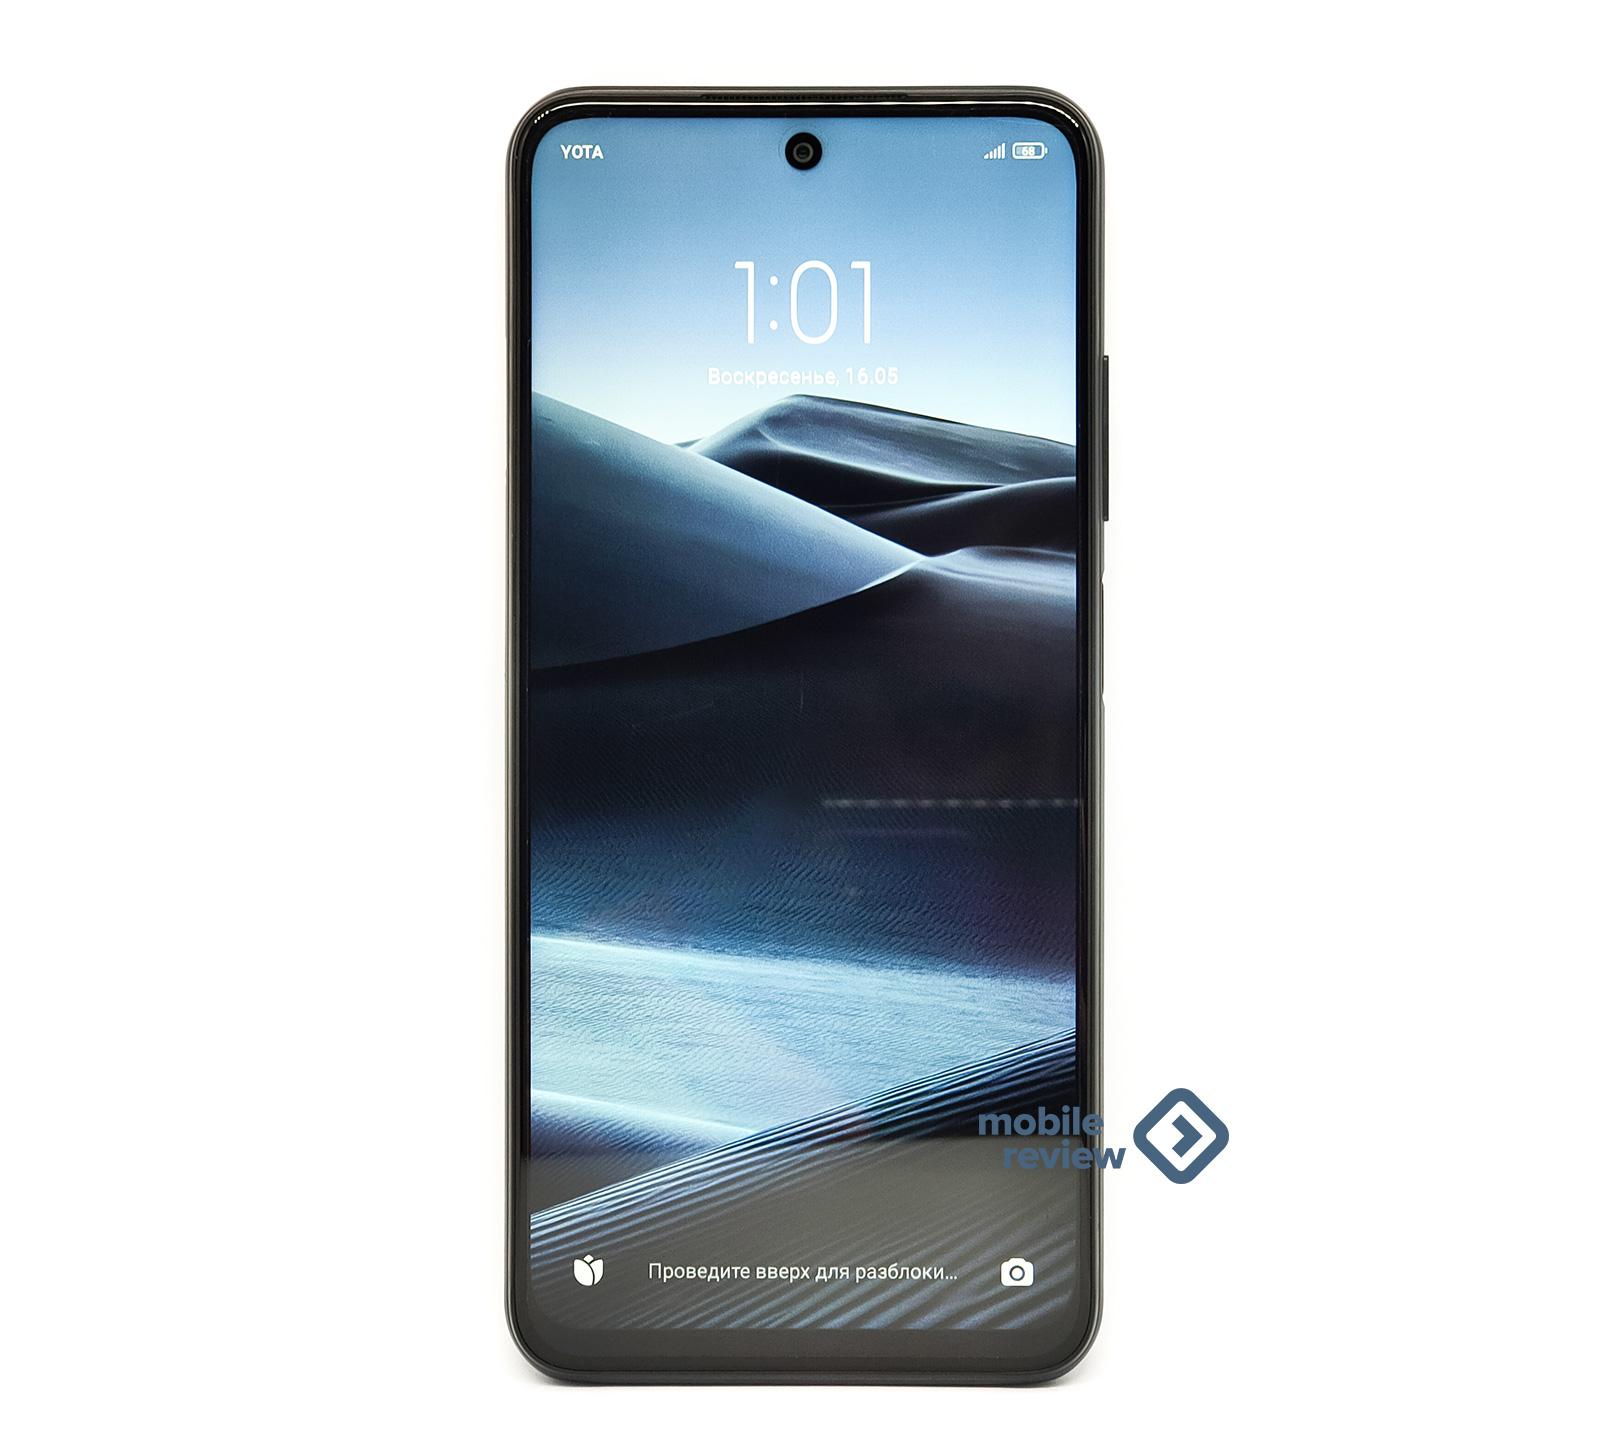 Новинки: 7 смартфонов от Xiaomi, realme и Lenovo, которые делают рынок июня